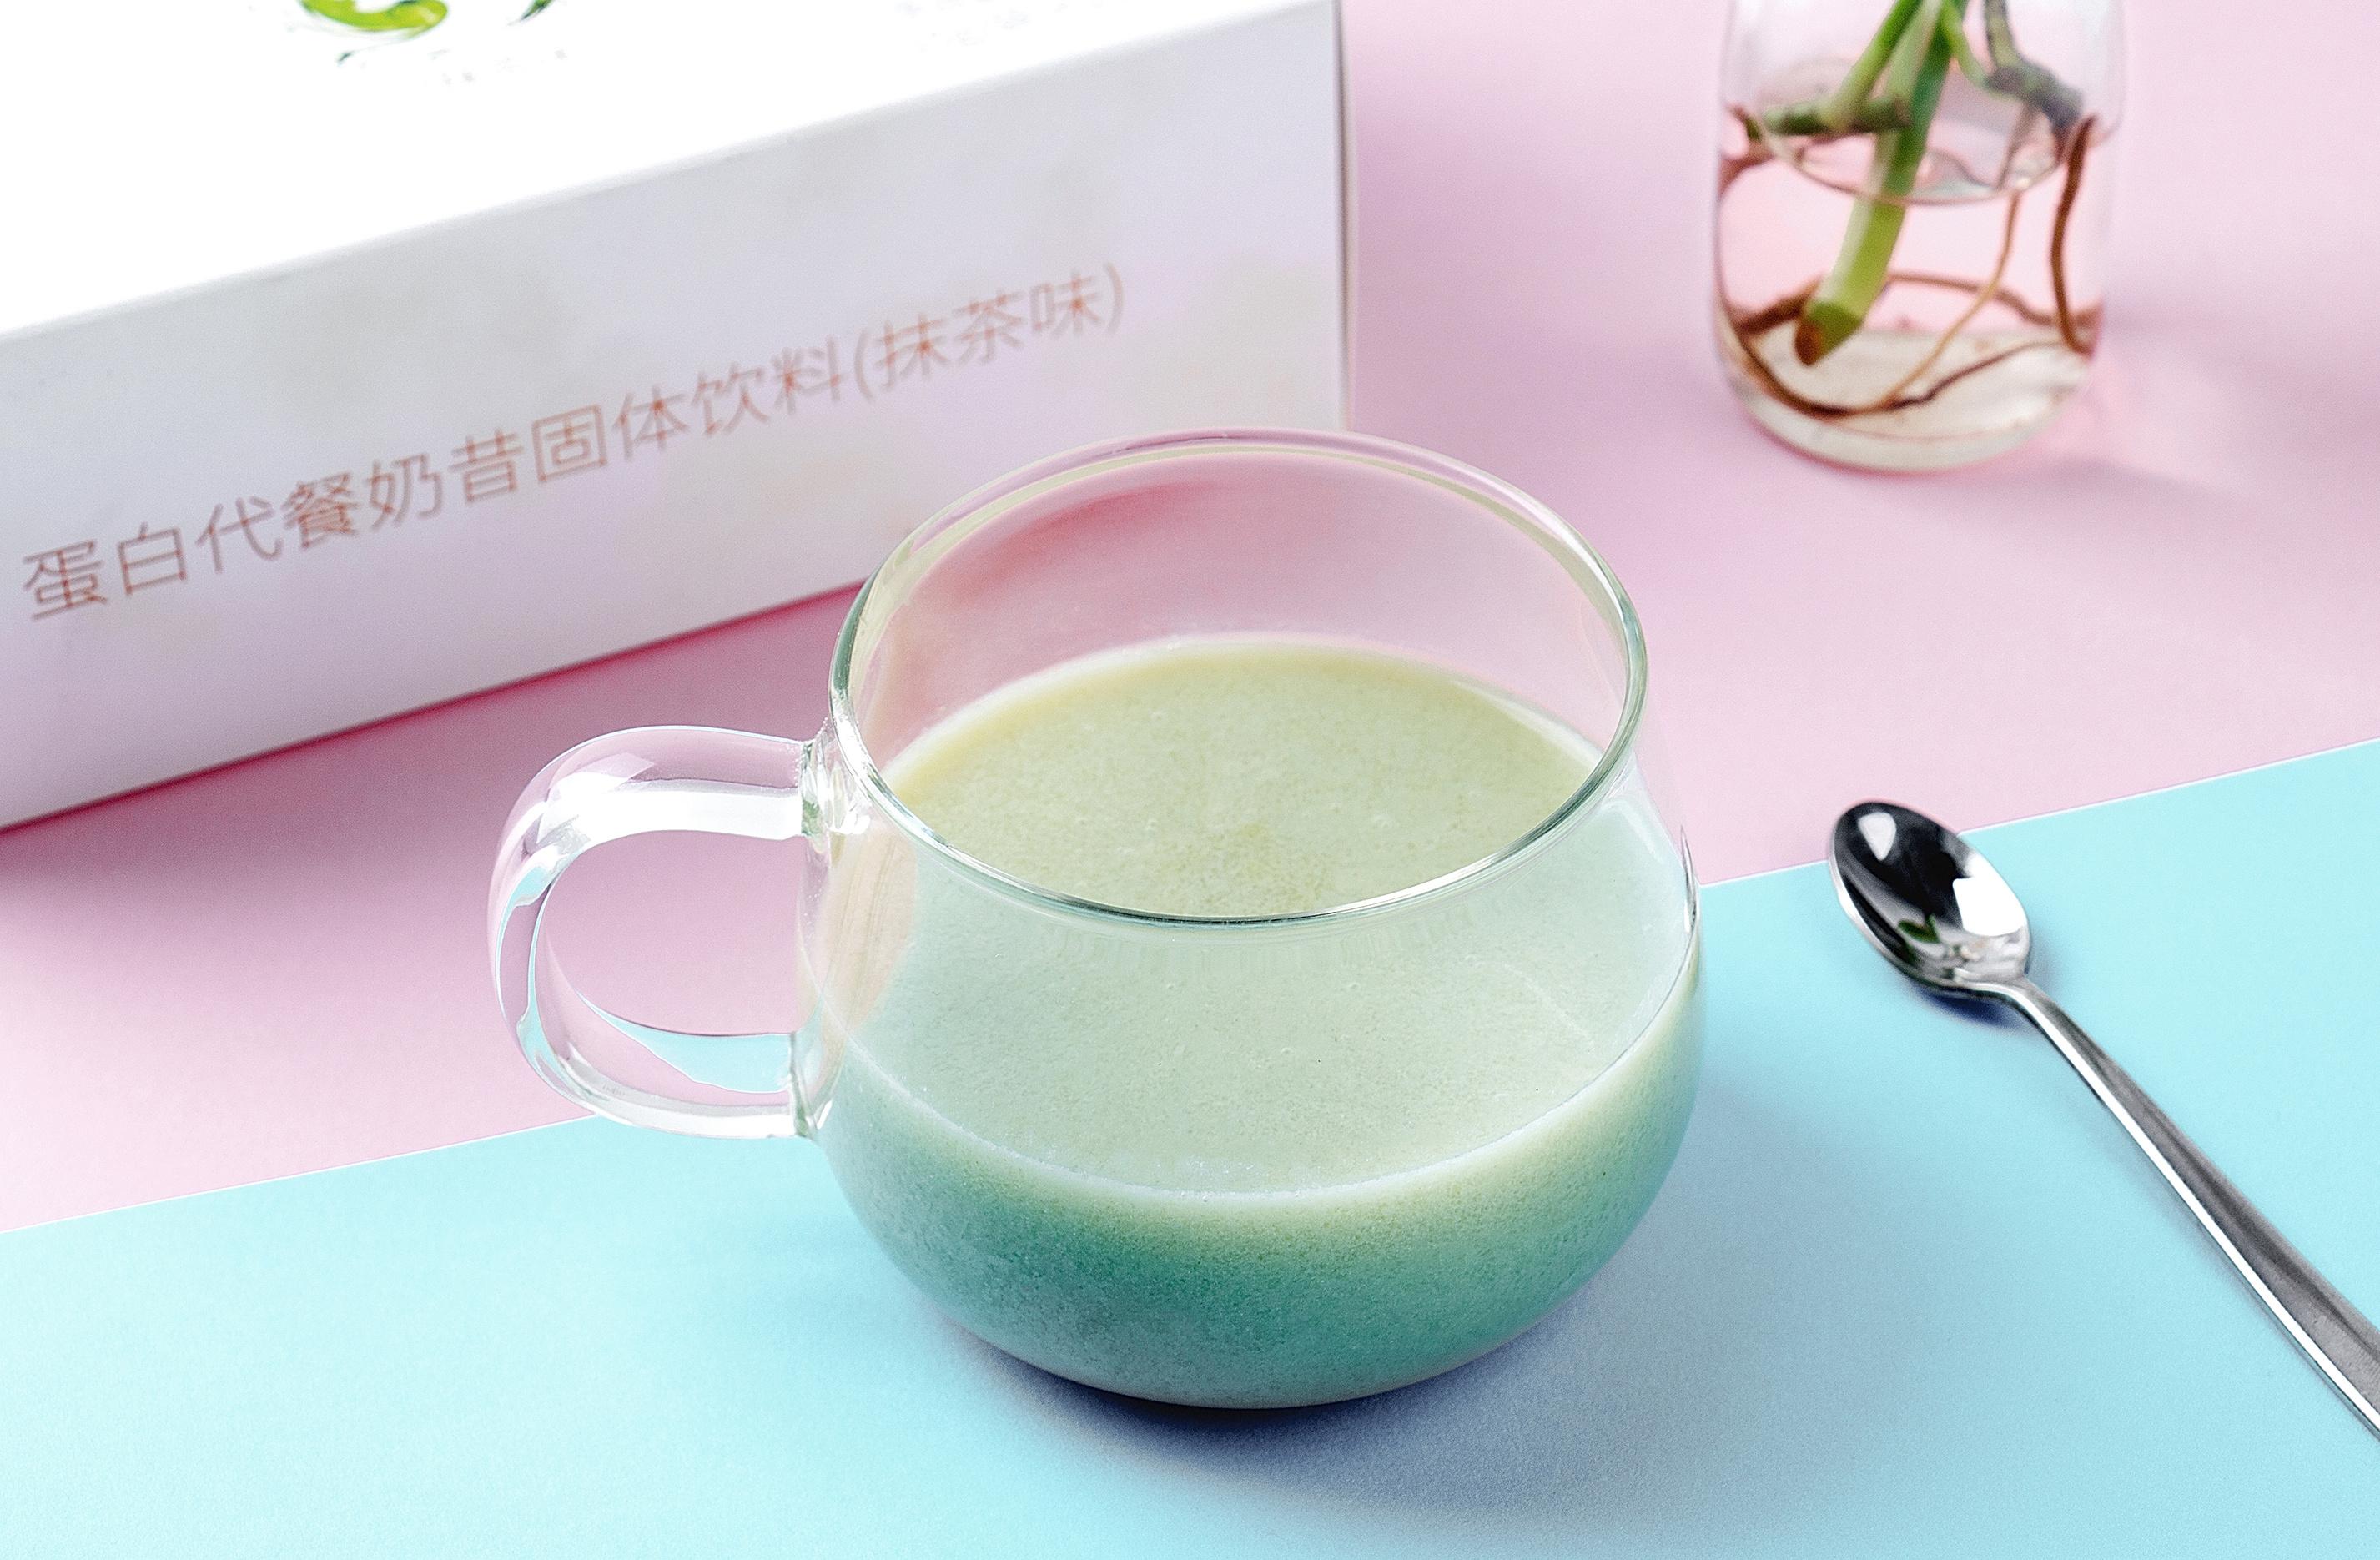 喝代餐奶茶真的能减肥吗